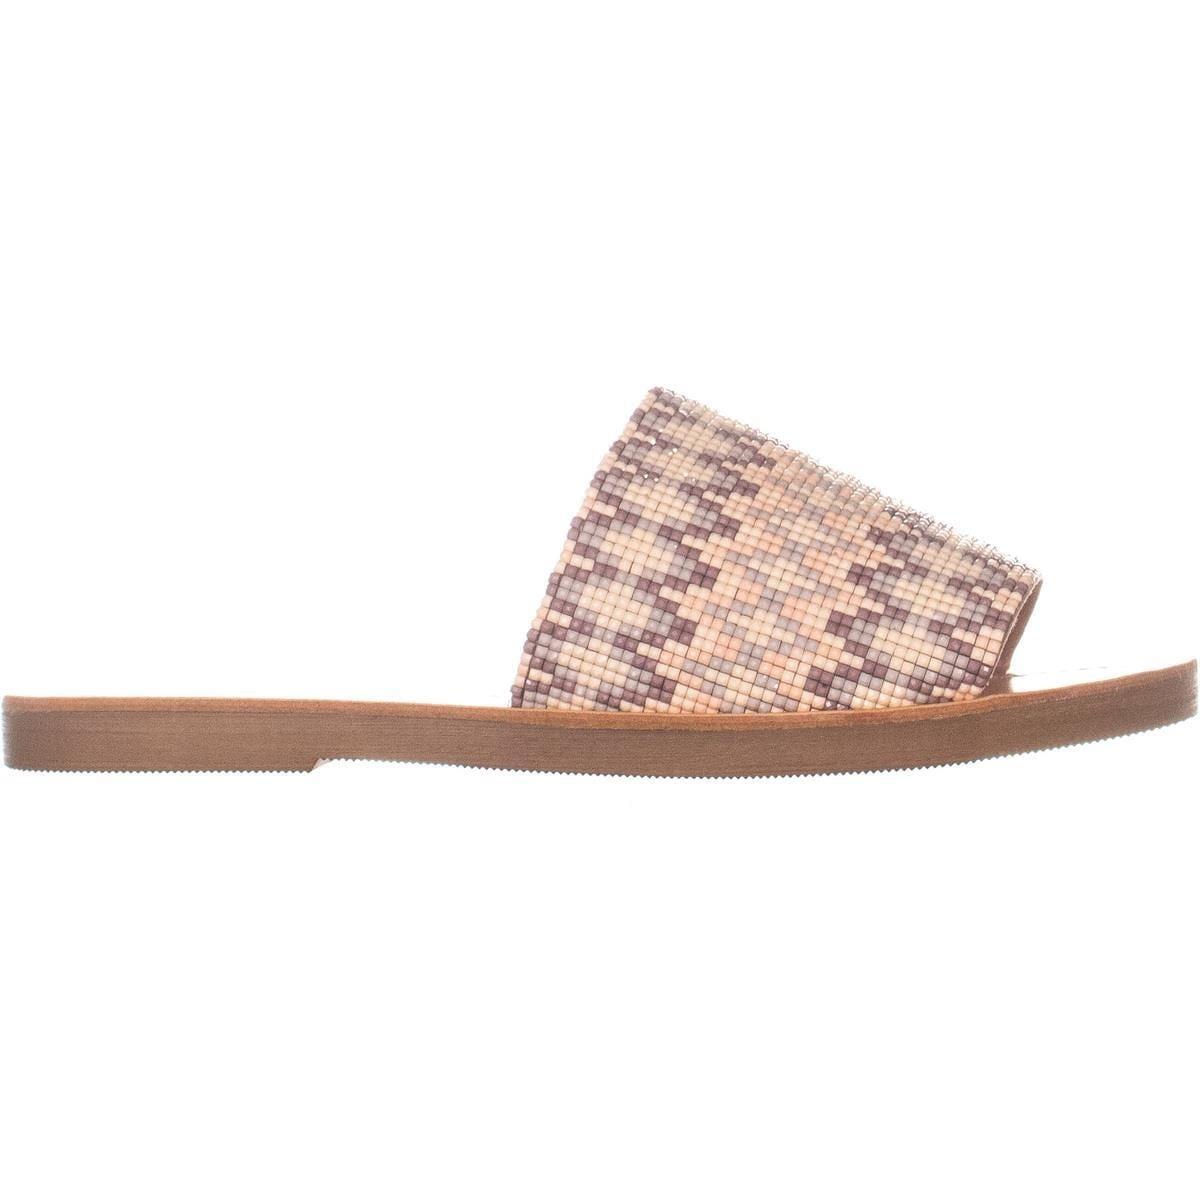 40a8886c0cf Shop Madden Girl Lulu Flat Slide Sandals